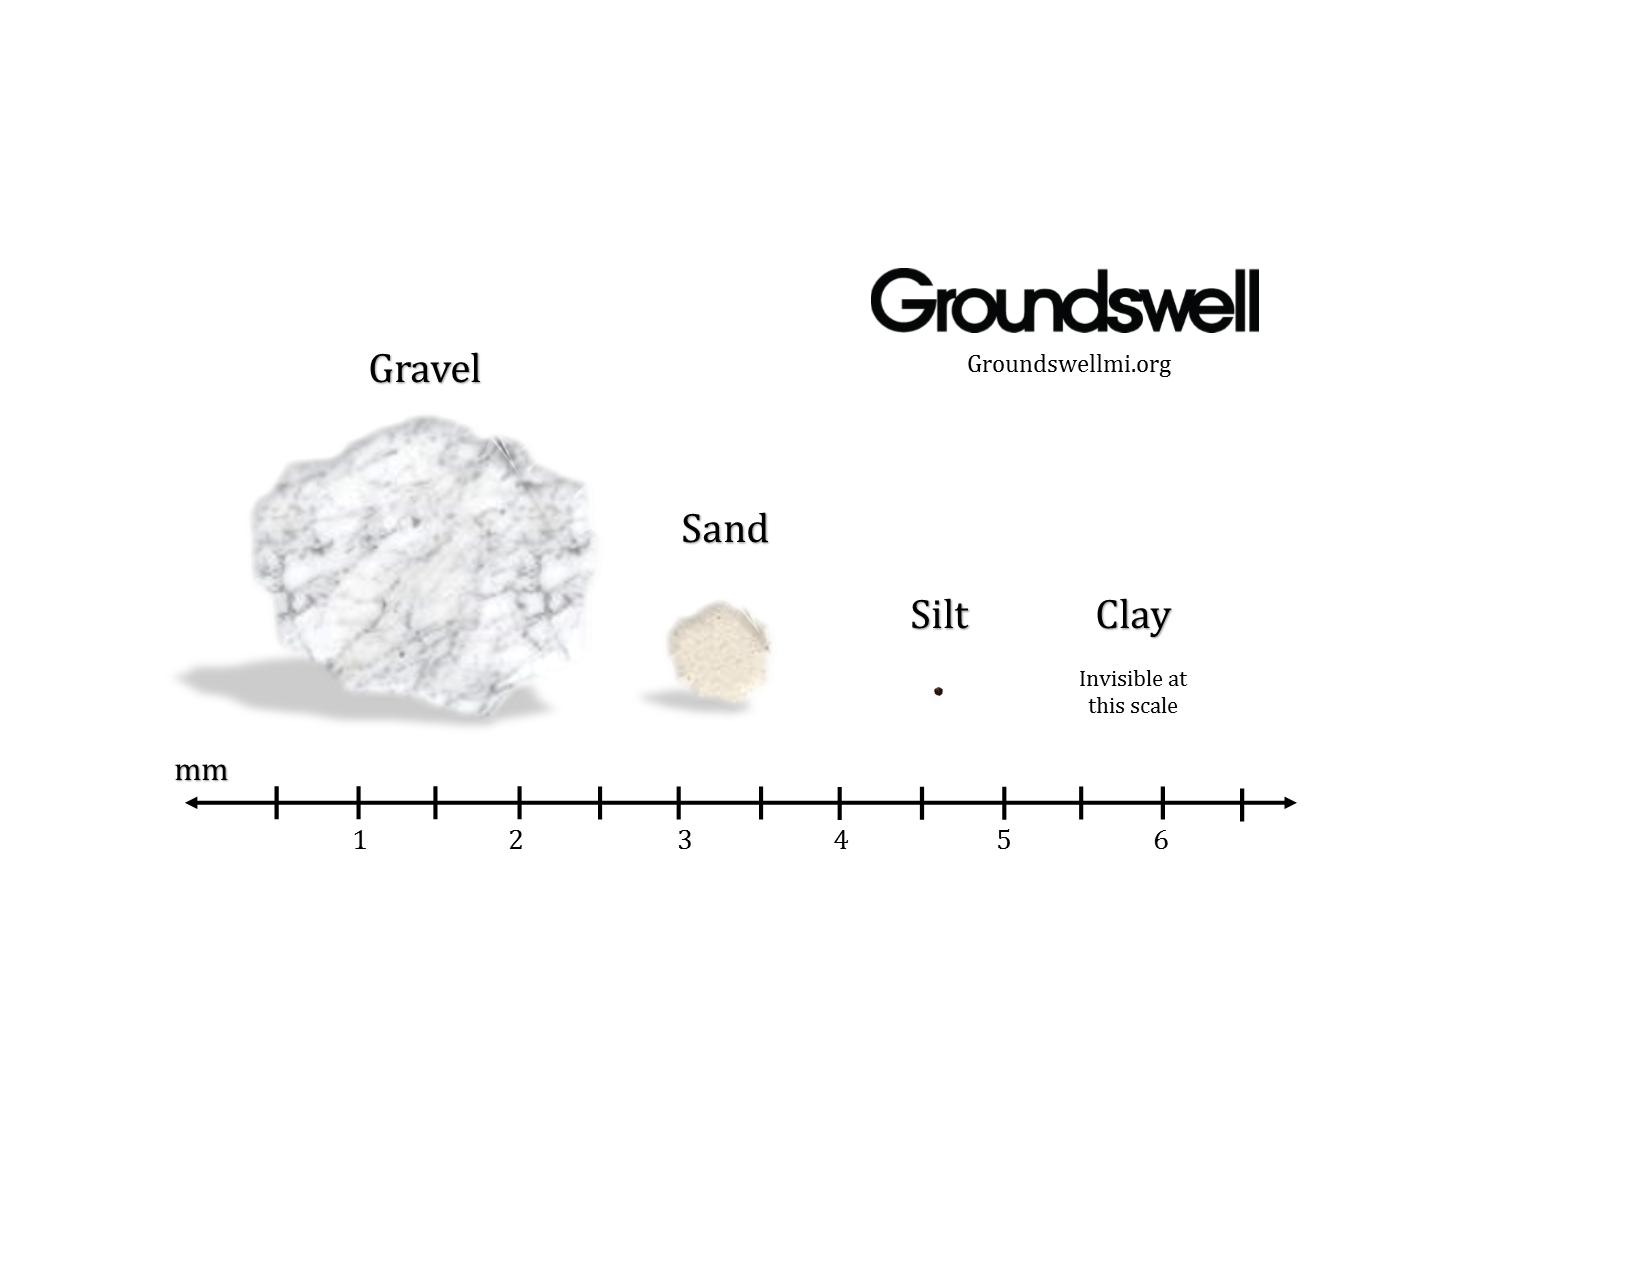 Soil size